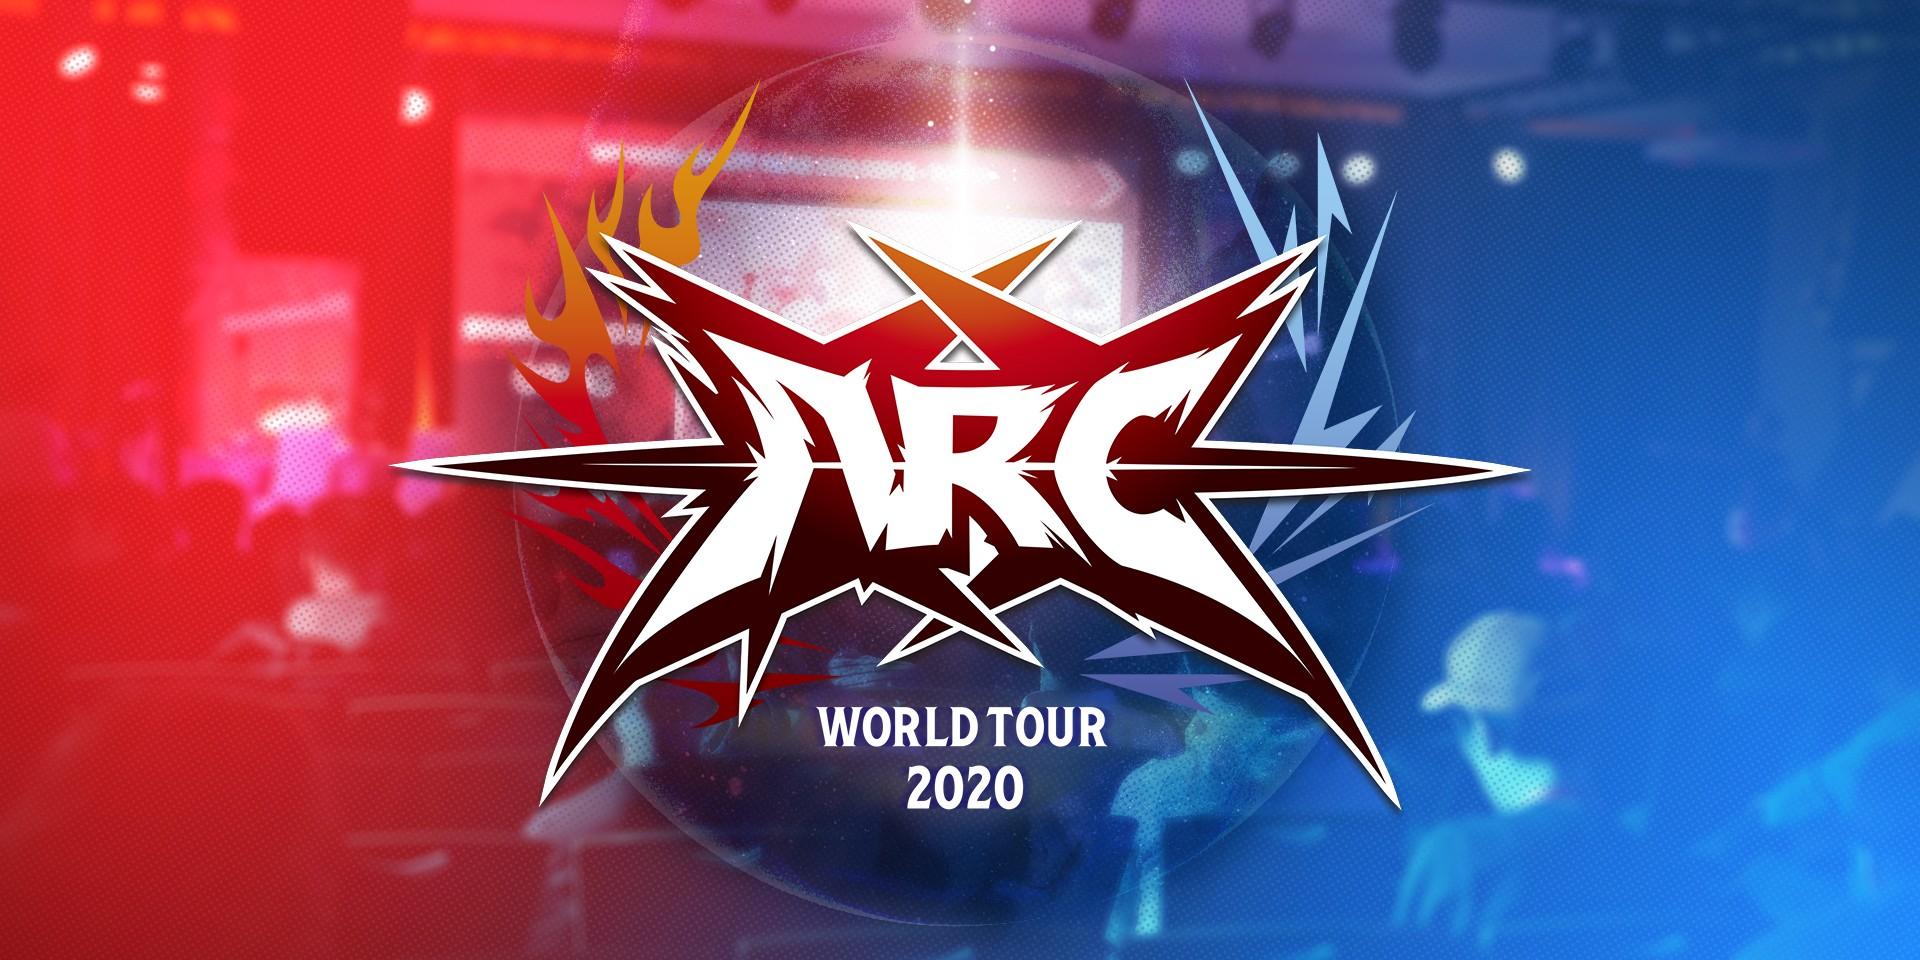 Глобальная серия Arc World Tour 2020 отменена из-за коронавируса